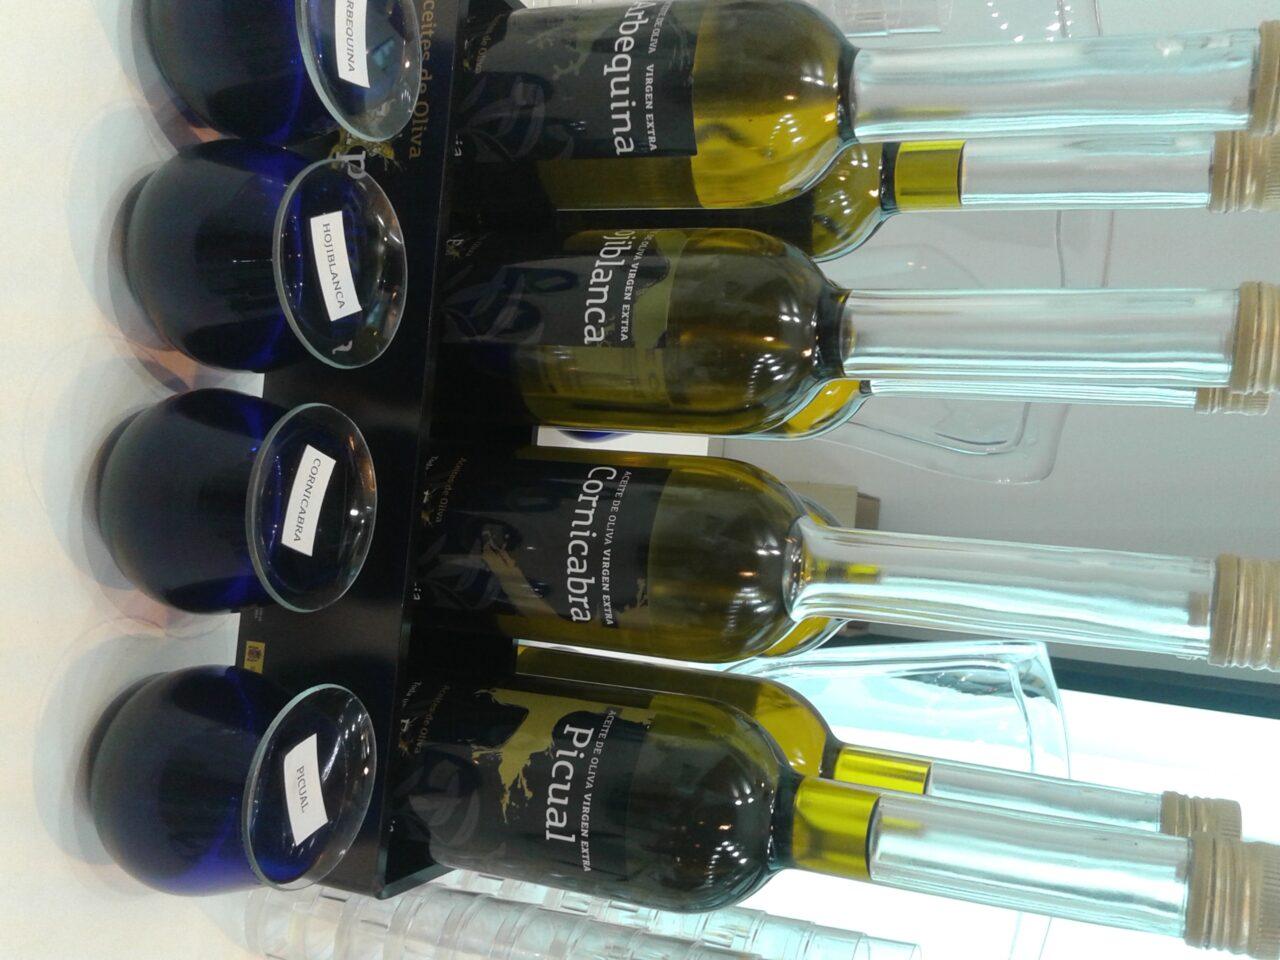 UPA Andalucía destaca que la comercialización de aceite de oliva no se resiente con precios superiores a los 3 euros en origen